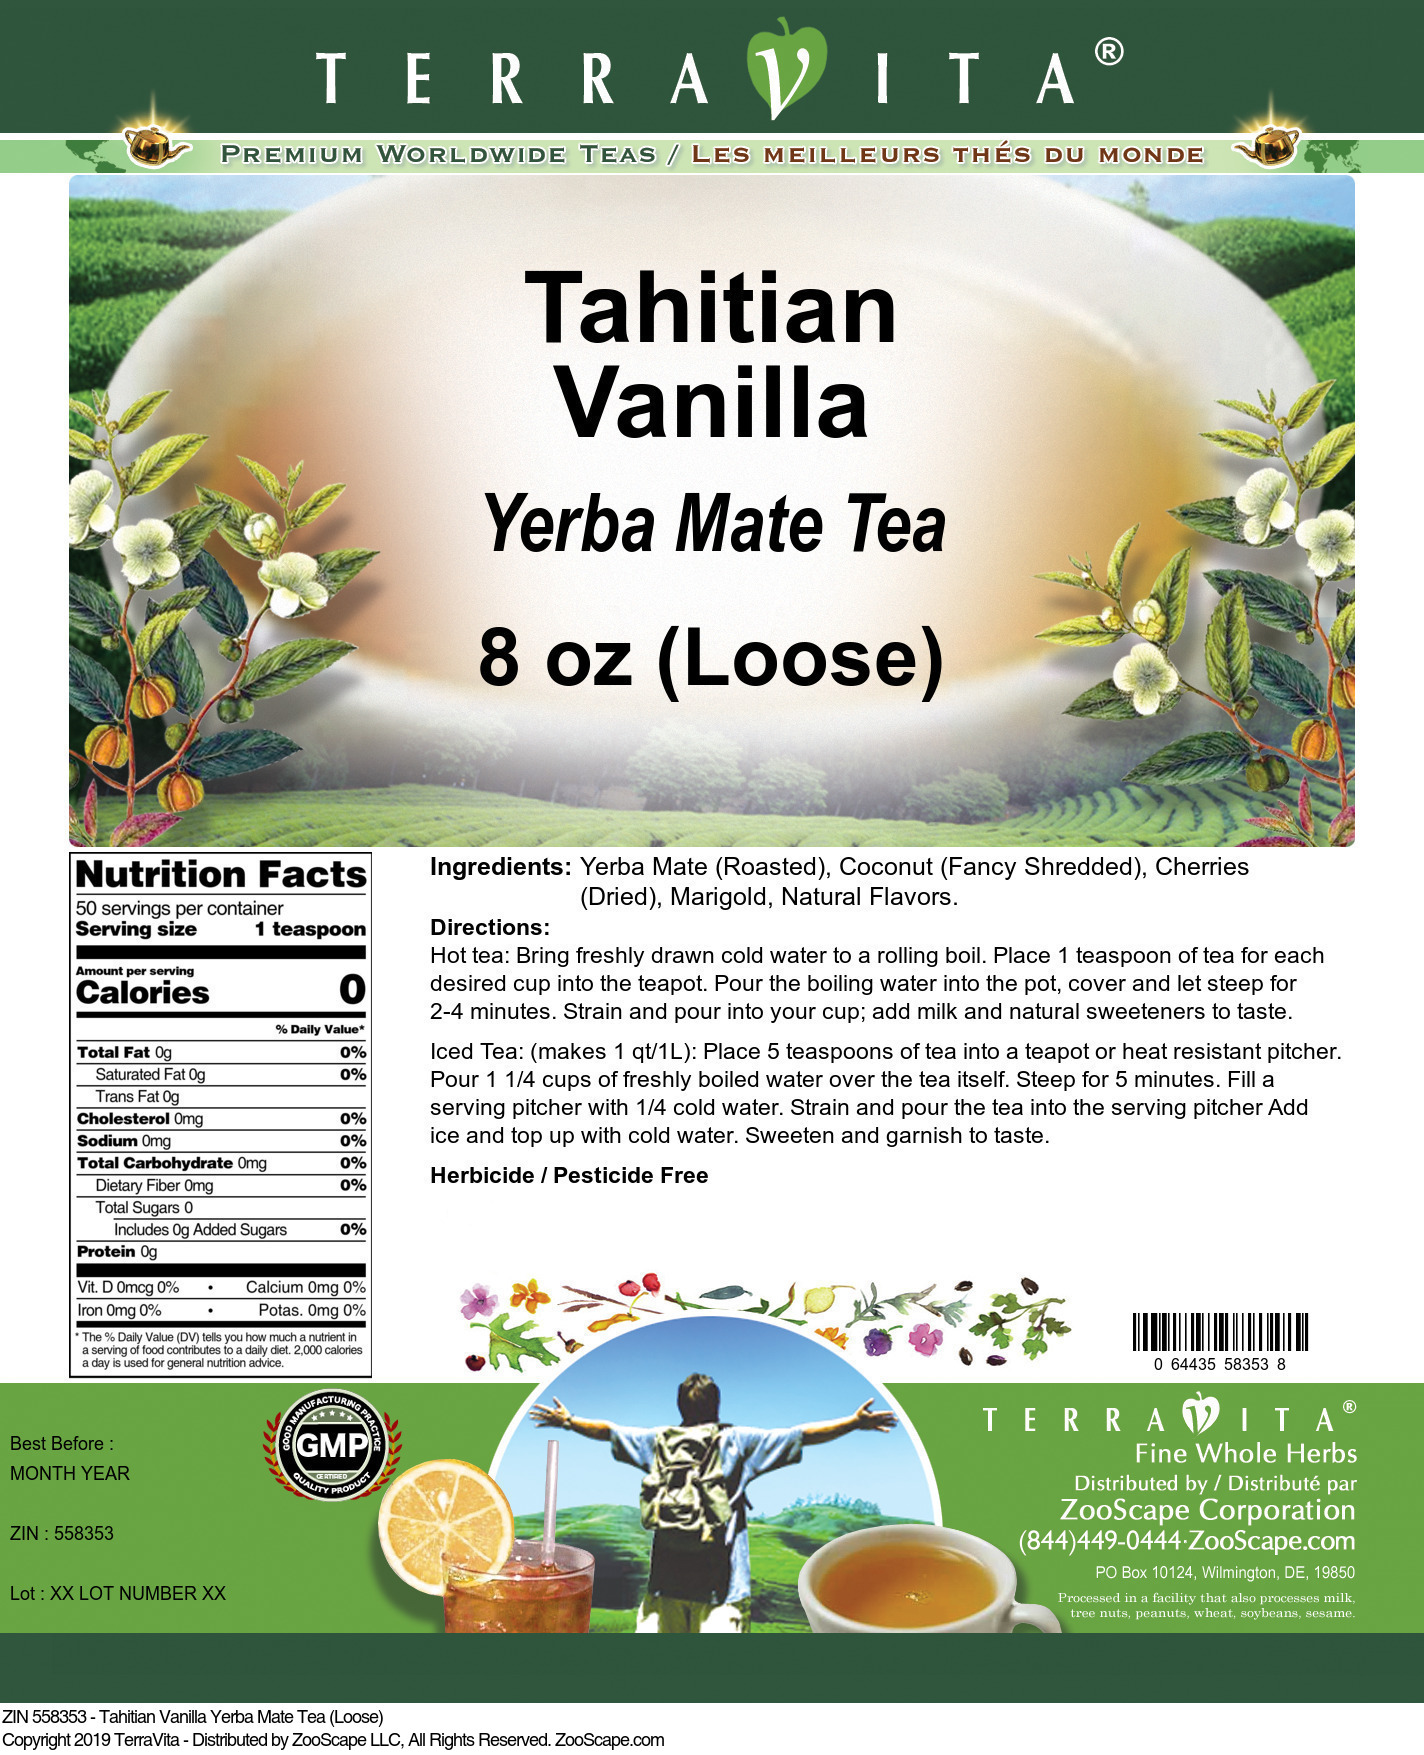 Tahitian Vanilla Yerba Mate Tea (Loose)